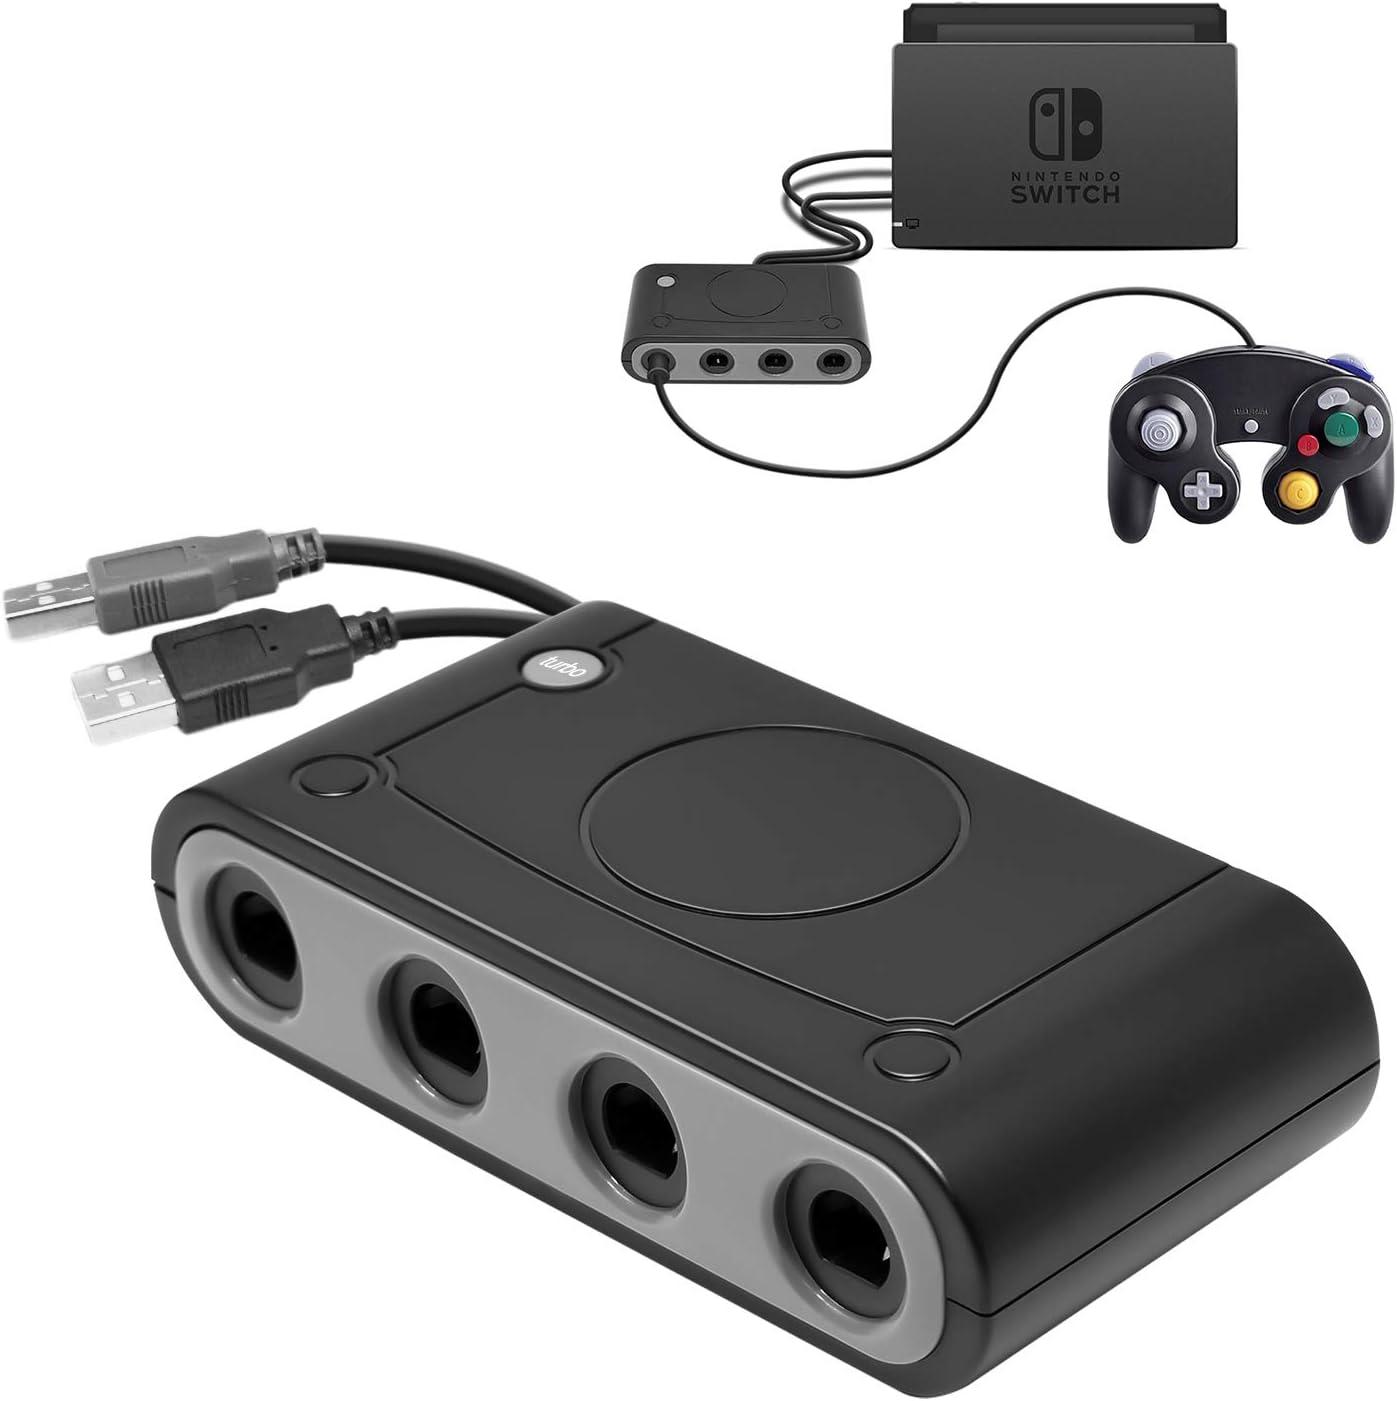 Gamecube - Adaptador de mando para Nintendo Switch, GC Controller ...